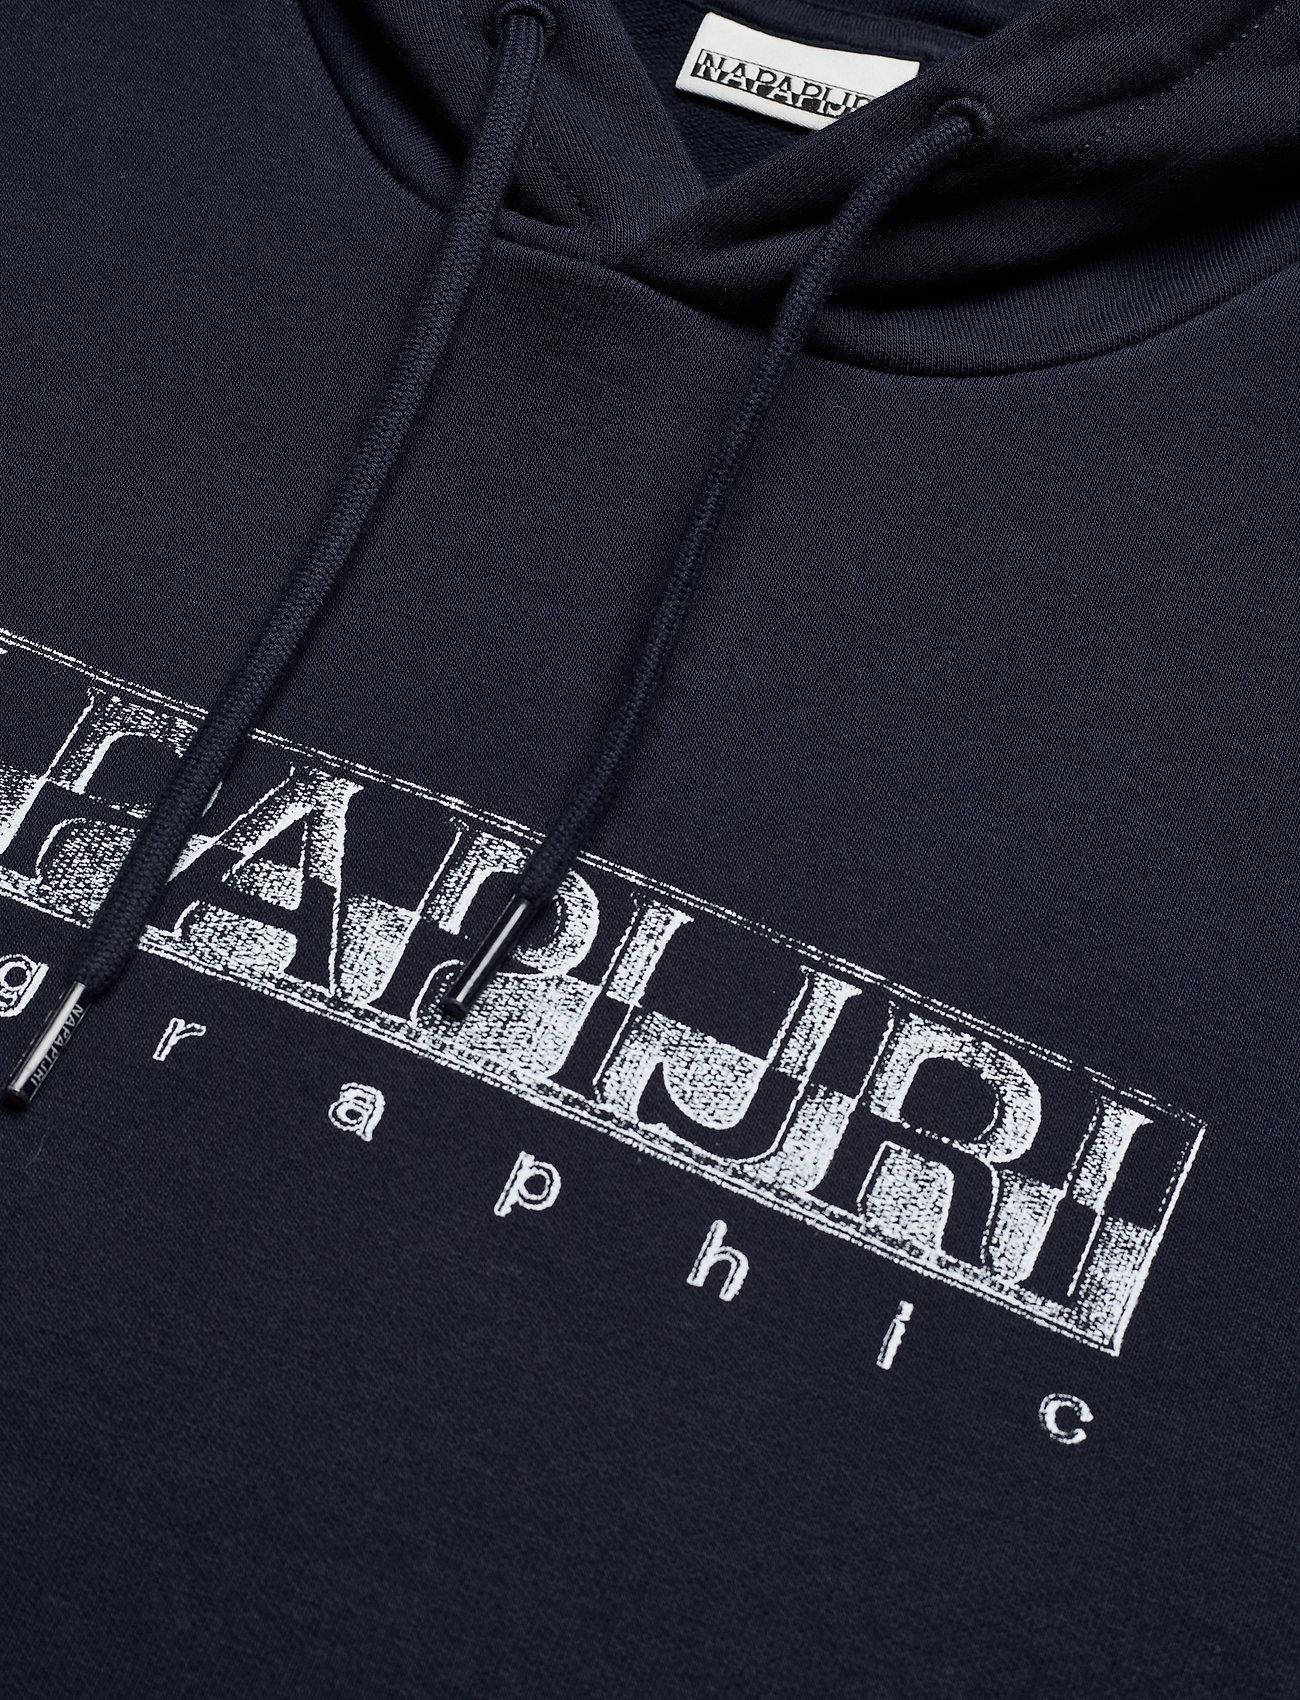 Napapijri - BALLAR H - sweats à capuche - blue marine - 2